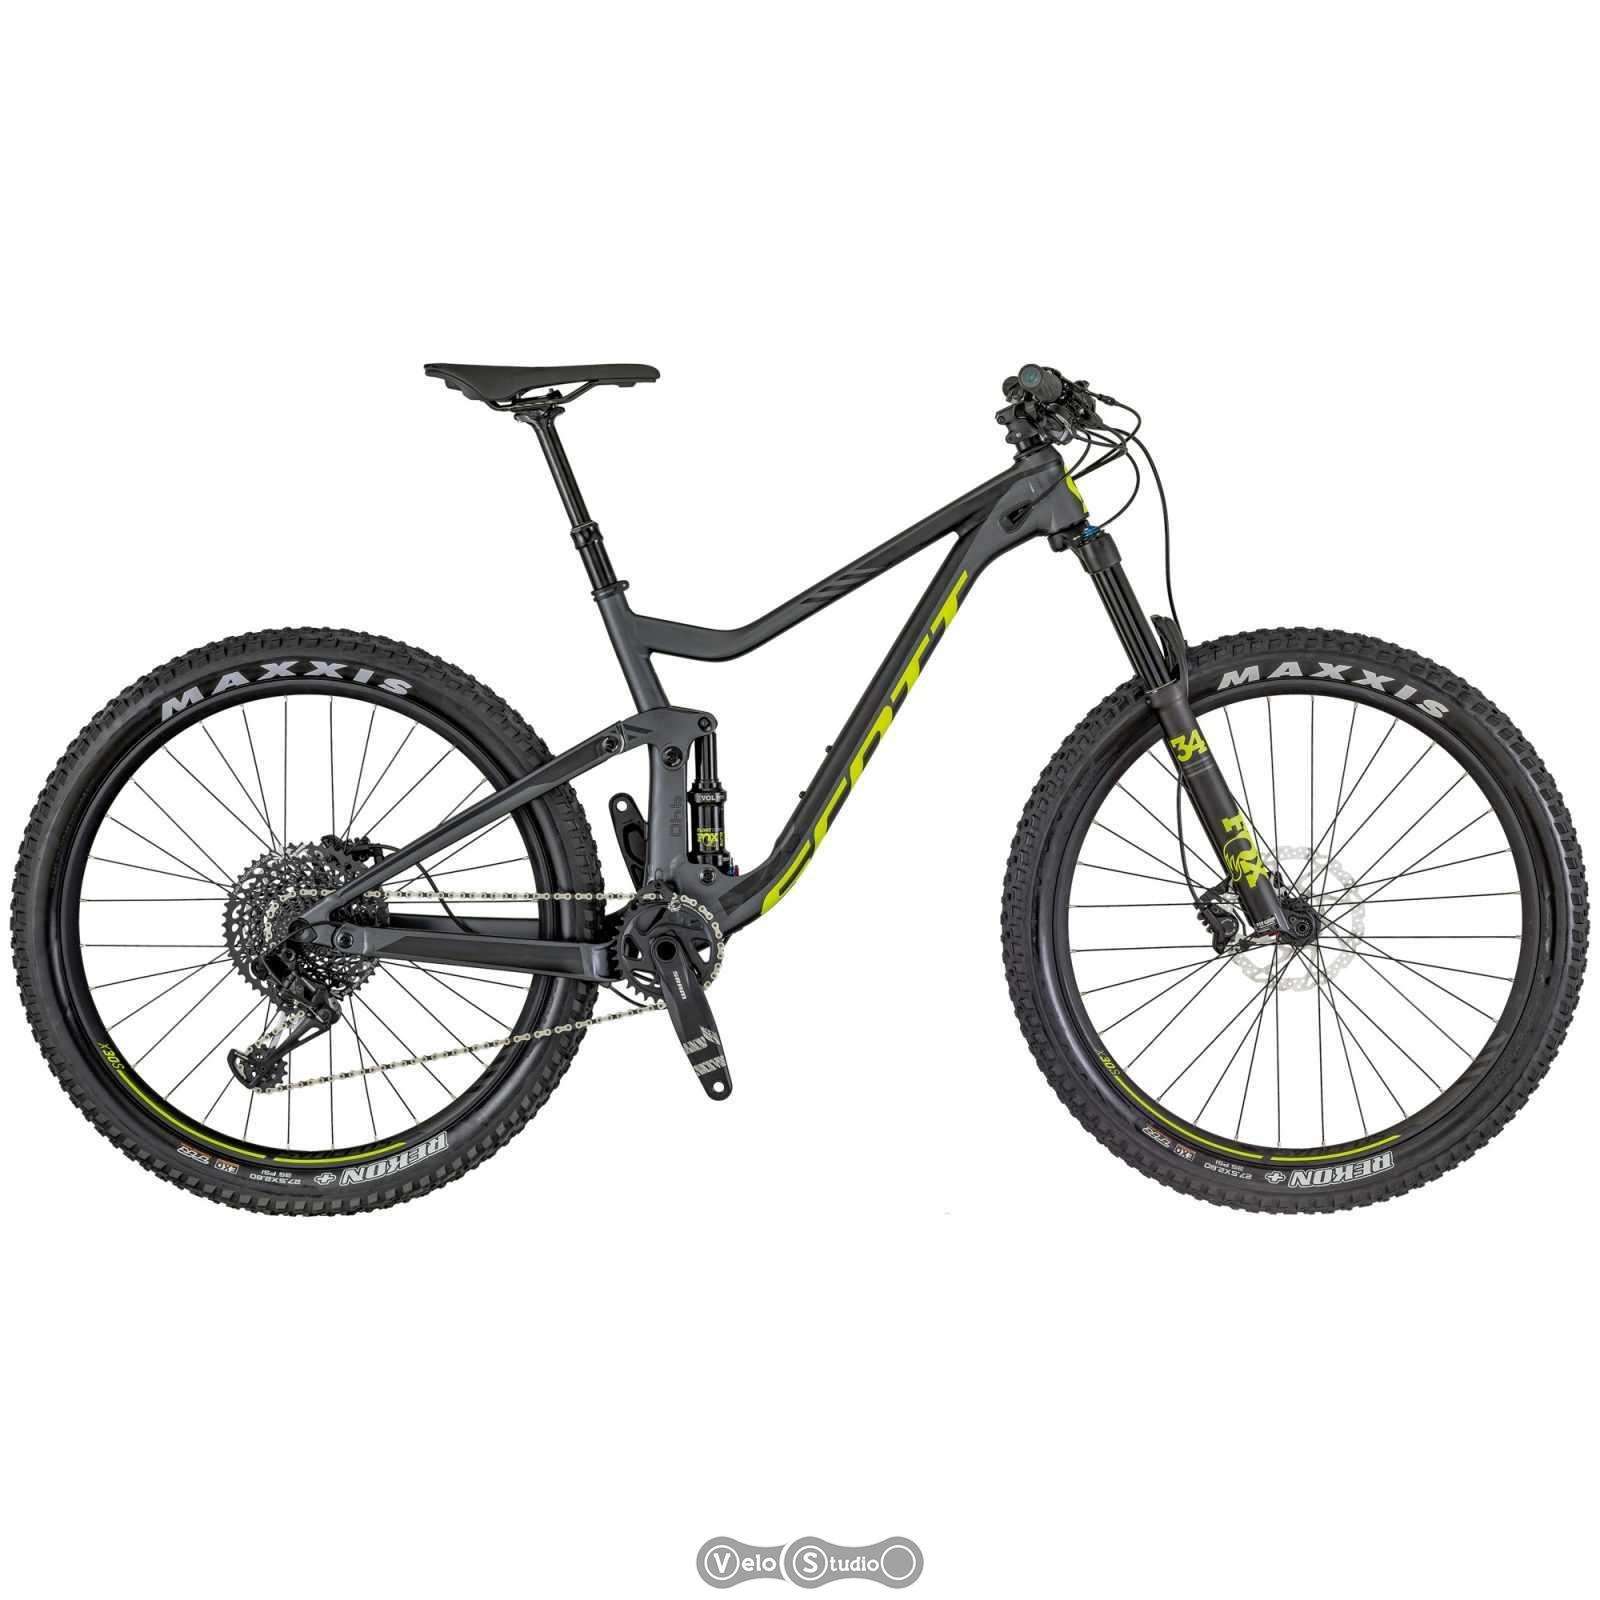 Scott Genius 940 модель 2018 года 29 дюймов